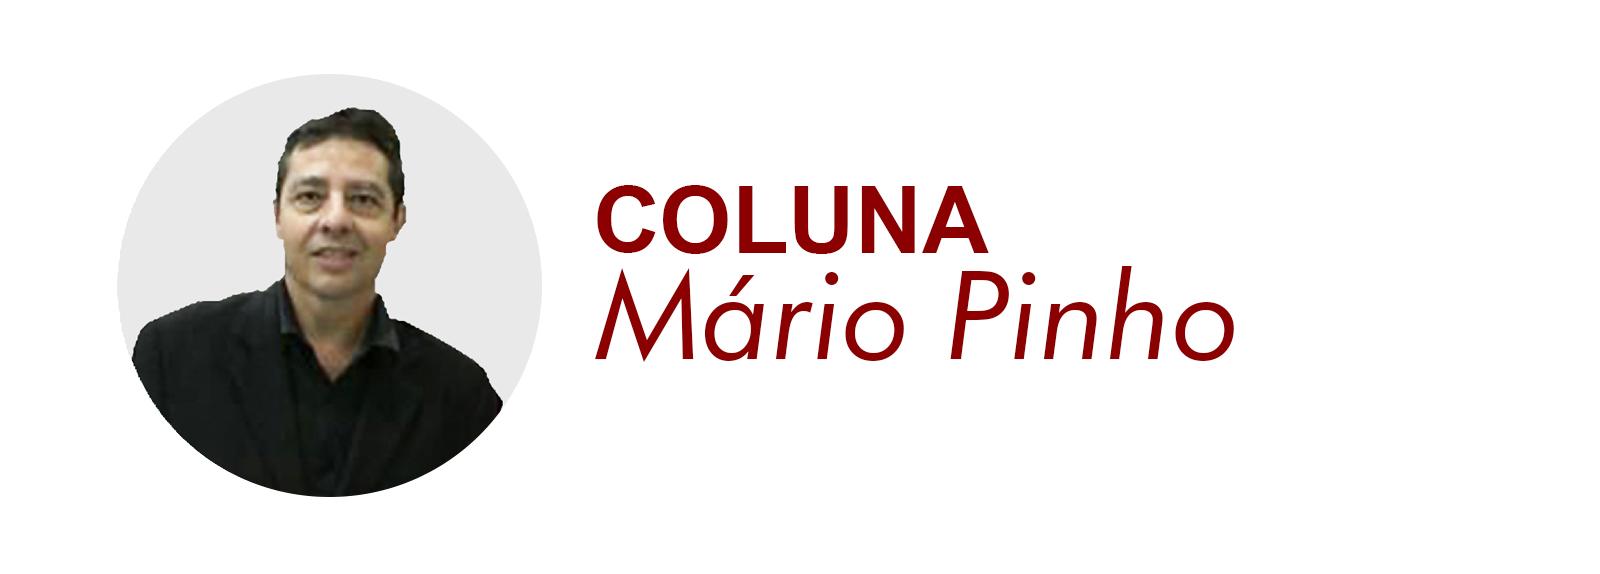 Coluna Fácil: Mário Pinho